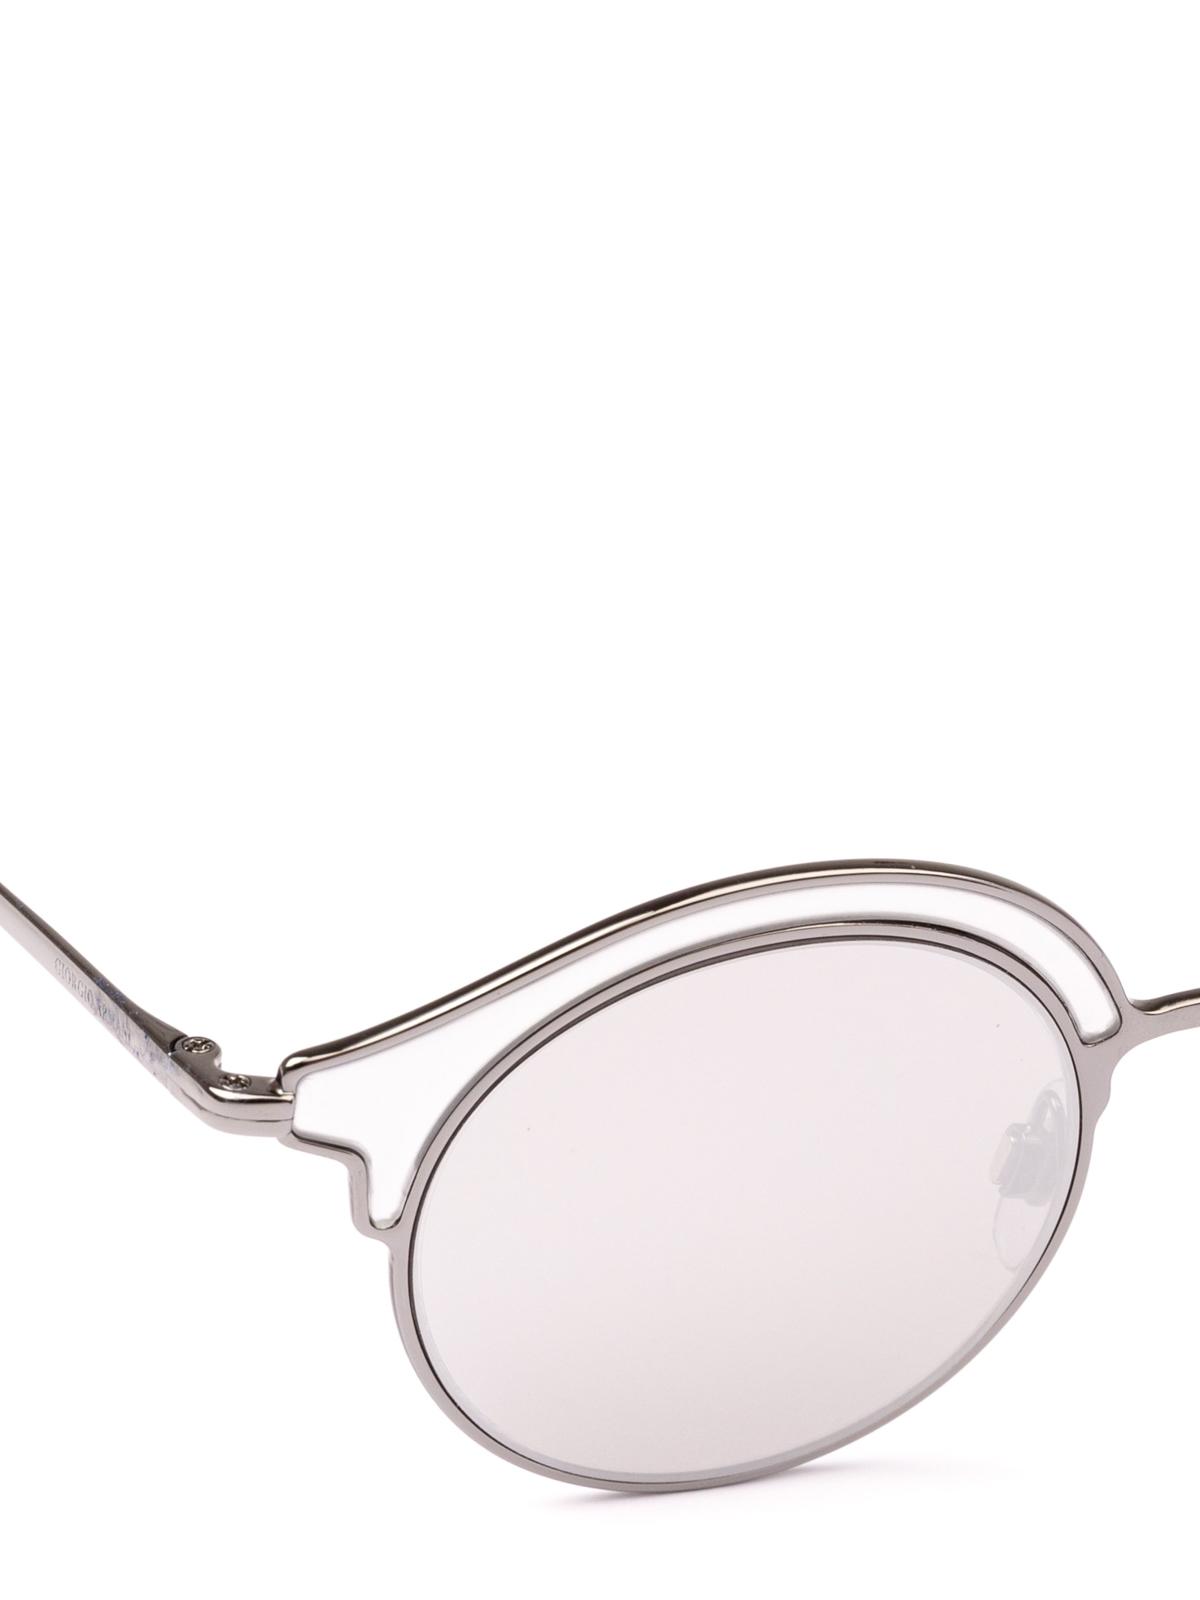 c3a066d049 Giorgio Armani - Gafas De Sol - Metálico - Gafas de sol - AR607130106G